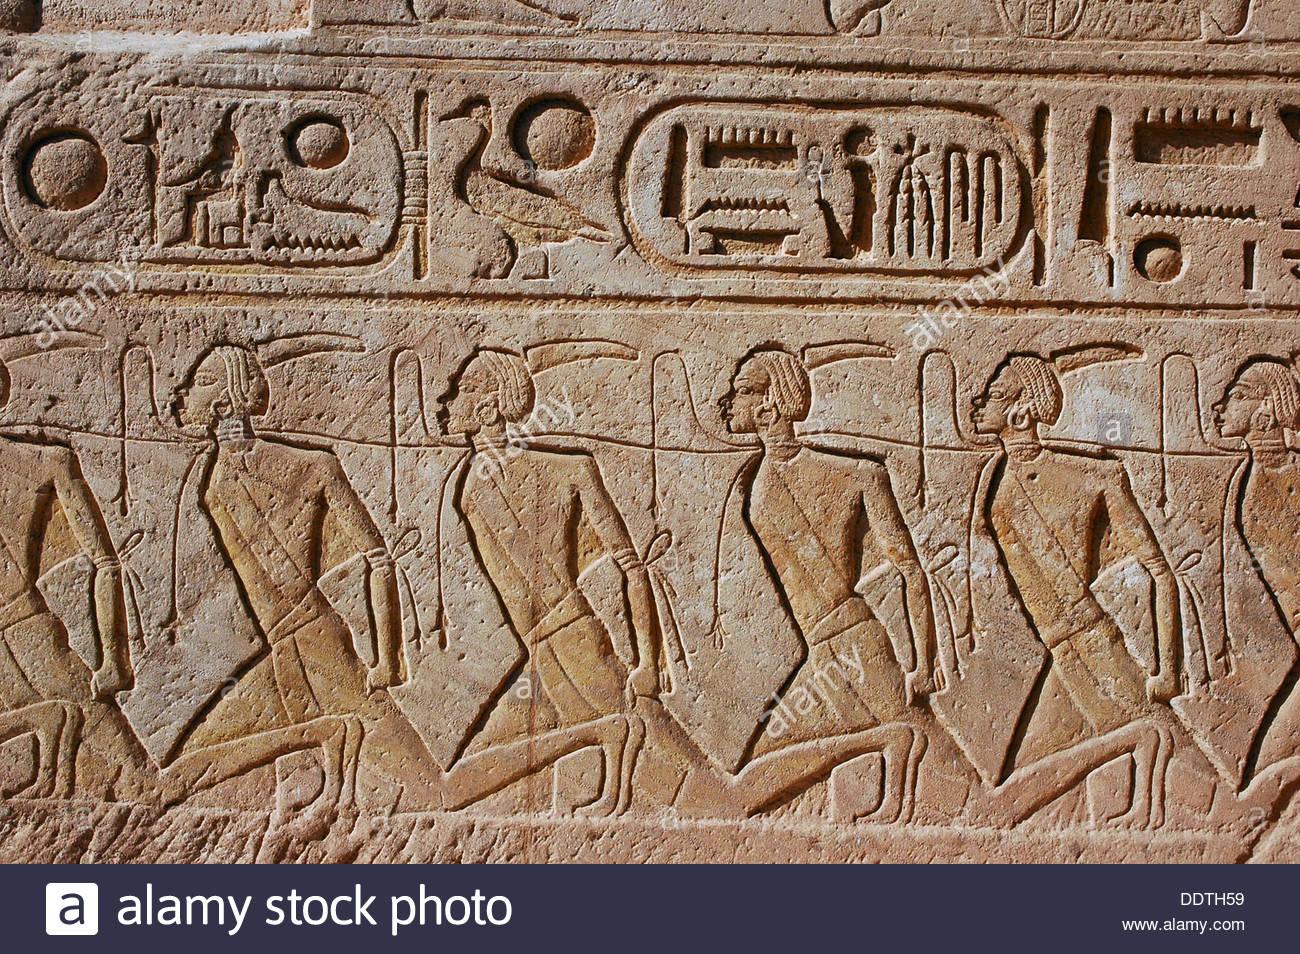 alivio-de-los-prisioneros-de-guerra-capturados-nubia-el-templo-de-ramses-ii-en-abu-simbel-egipto-artista-werner-forman-ddth59